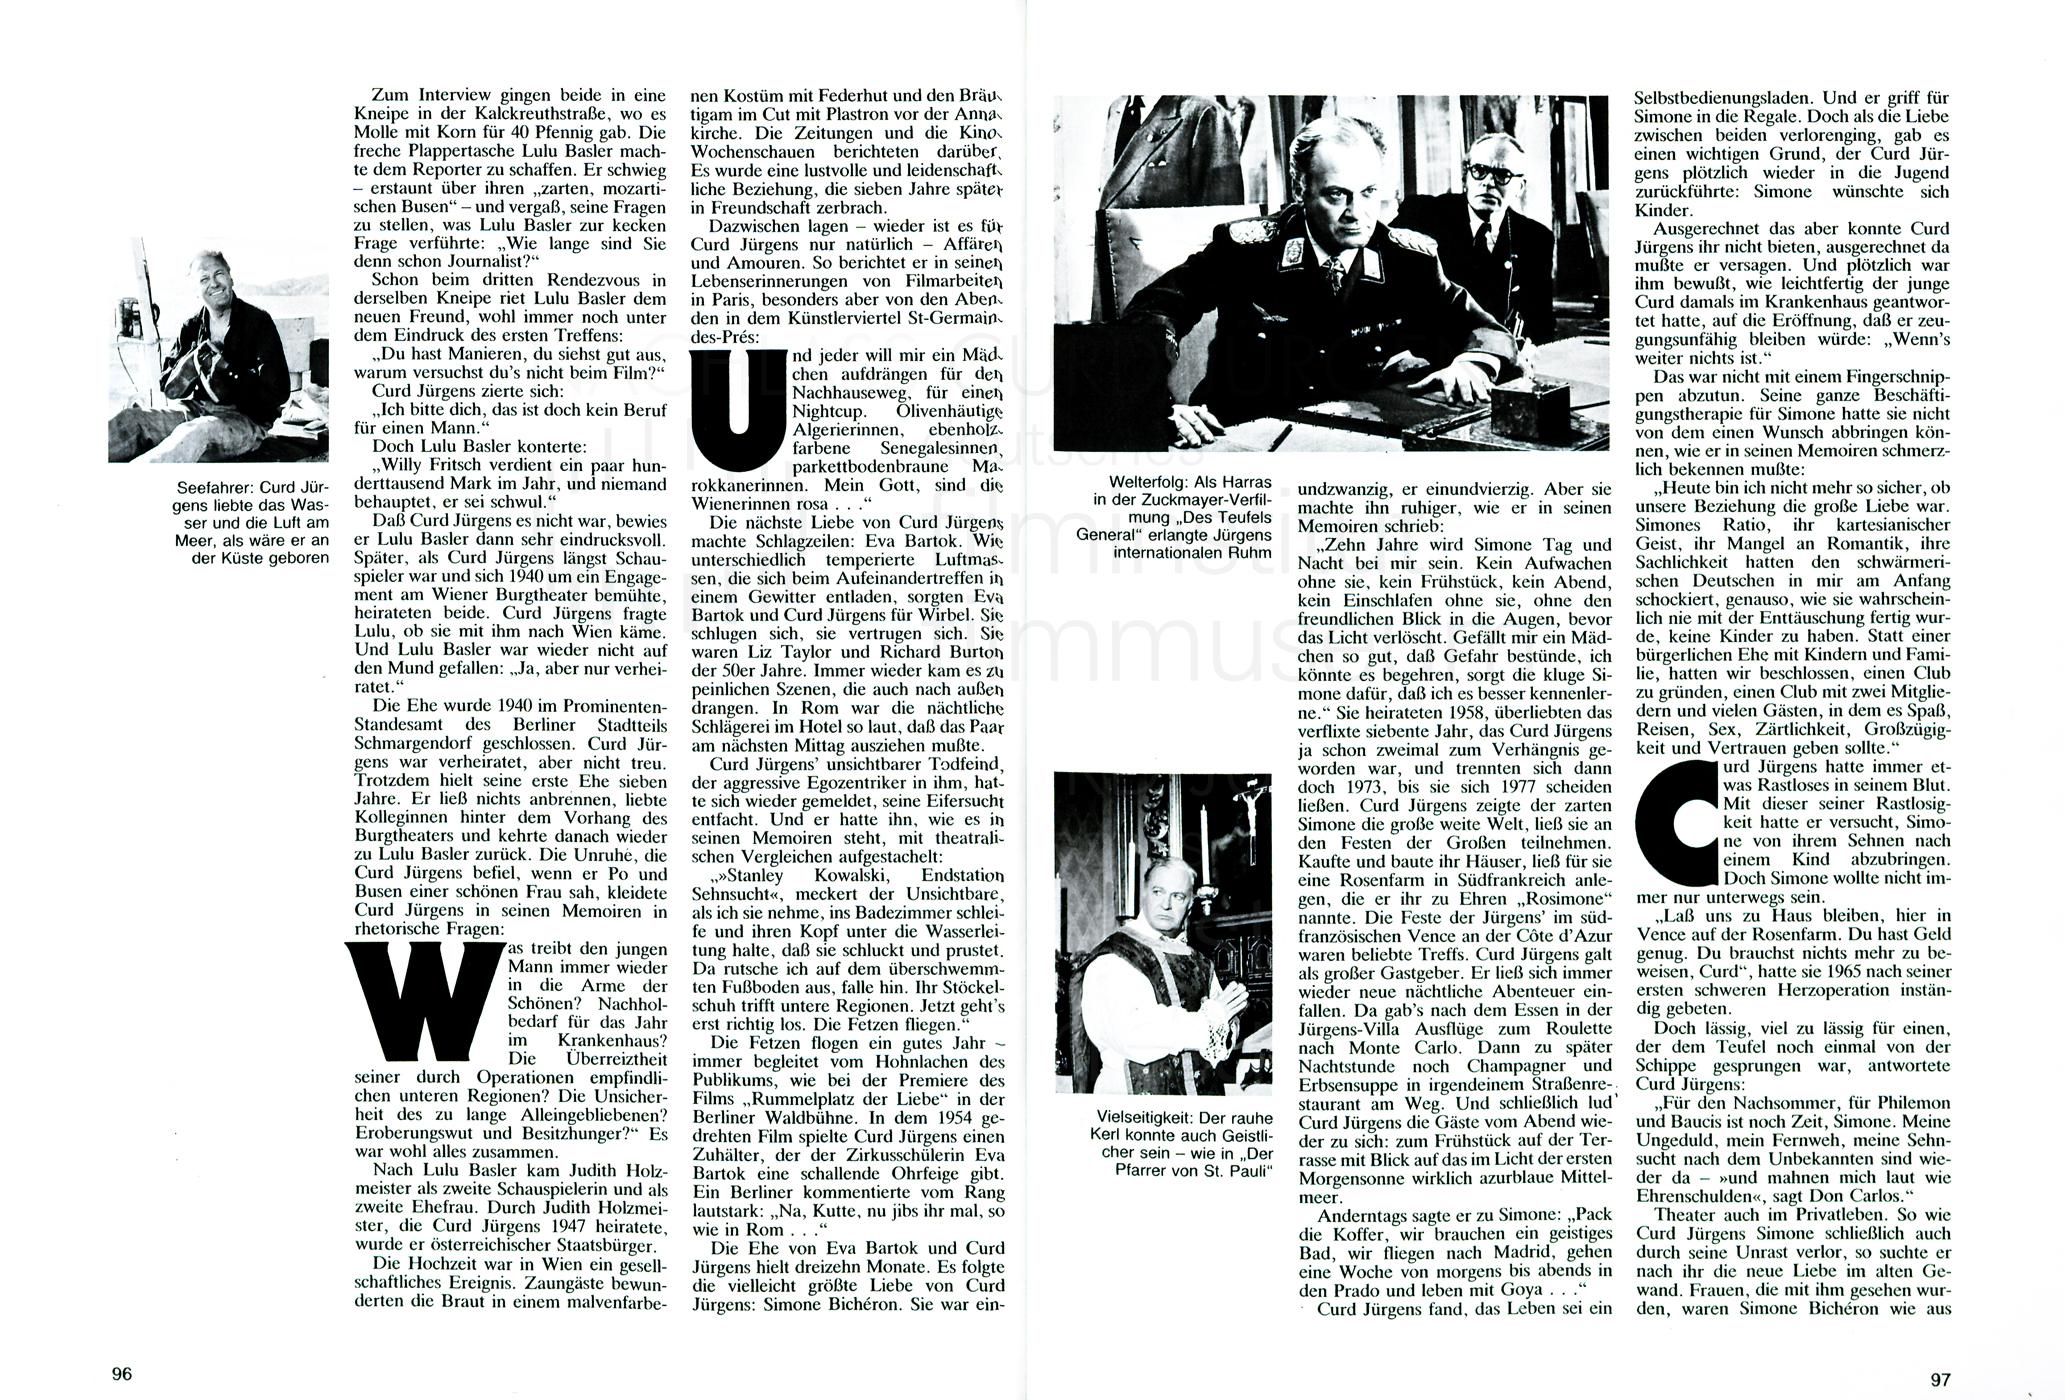 """Bunte Sonderheft """"Curd Jürgens ...und doch irgendwie weise"""", 1983"""